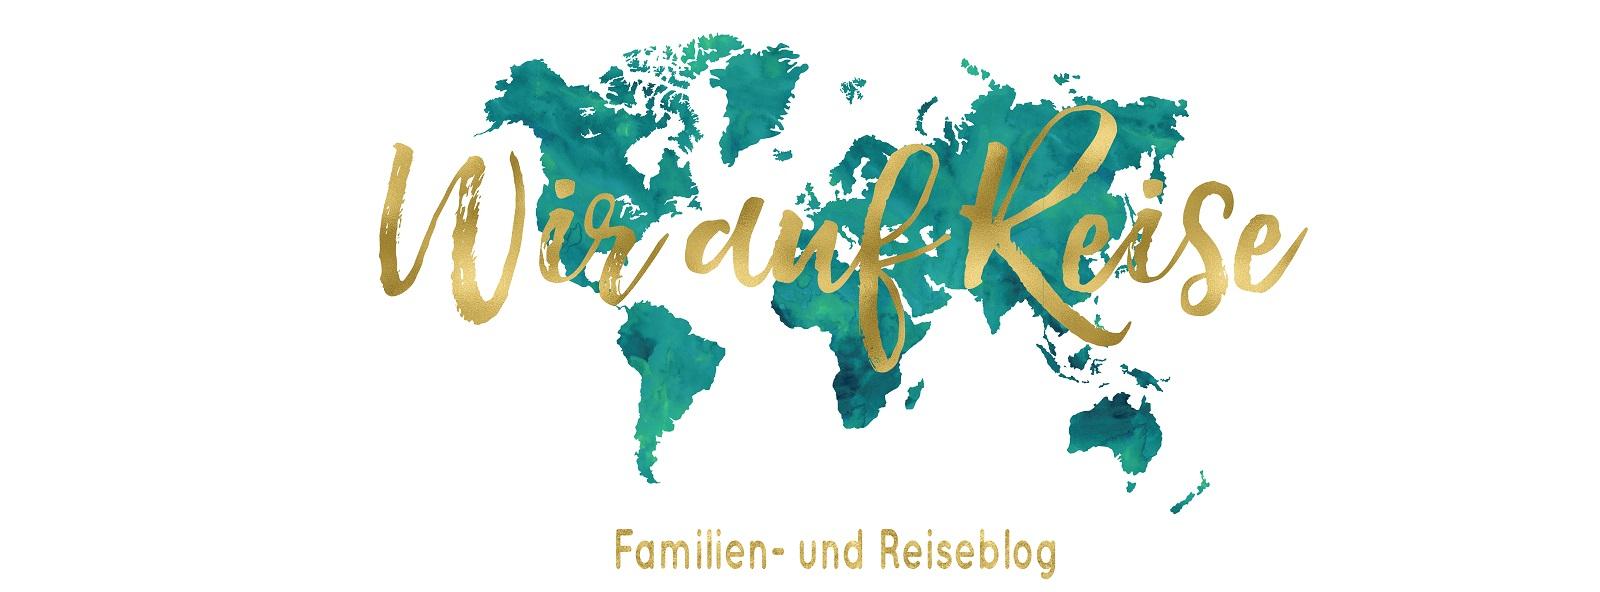 Familienreiseblog – Wir auf Reise